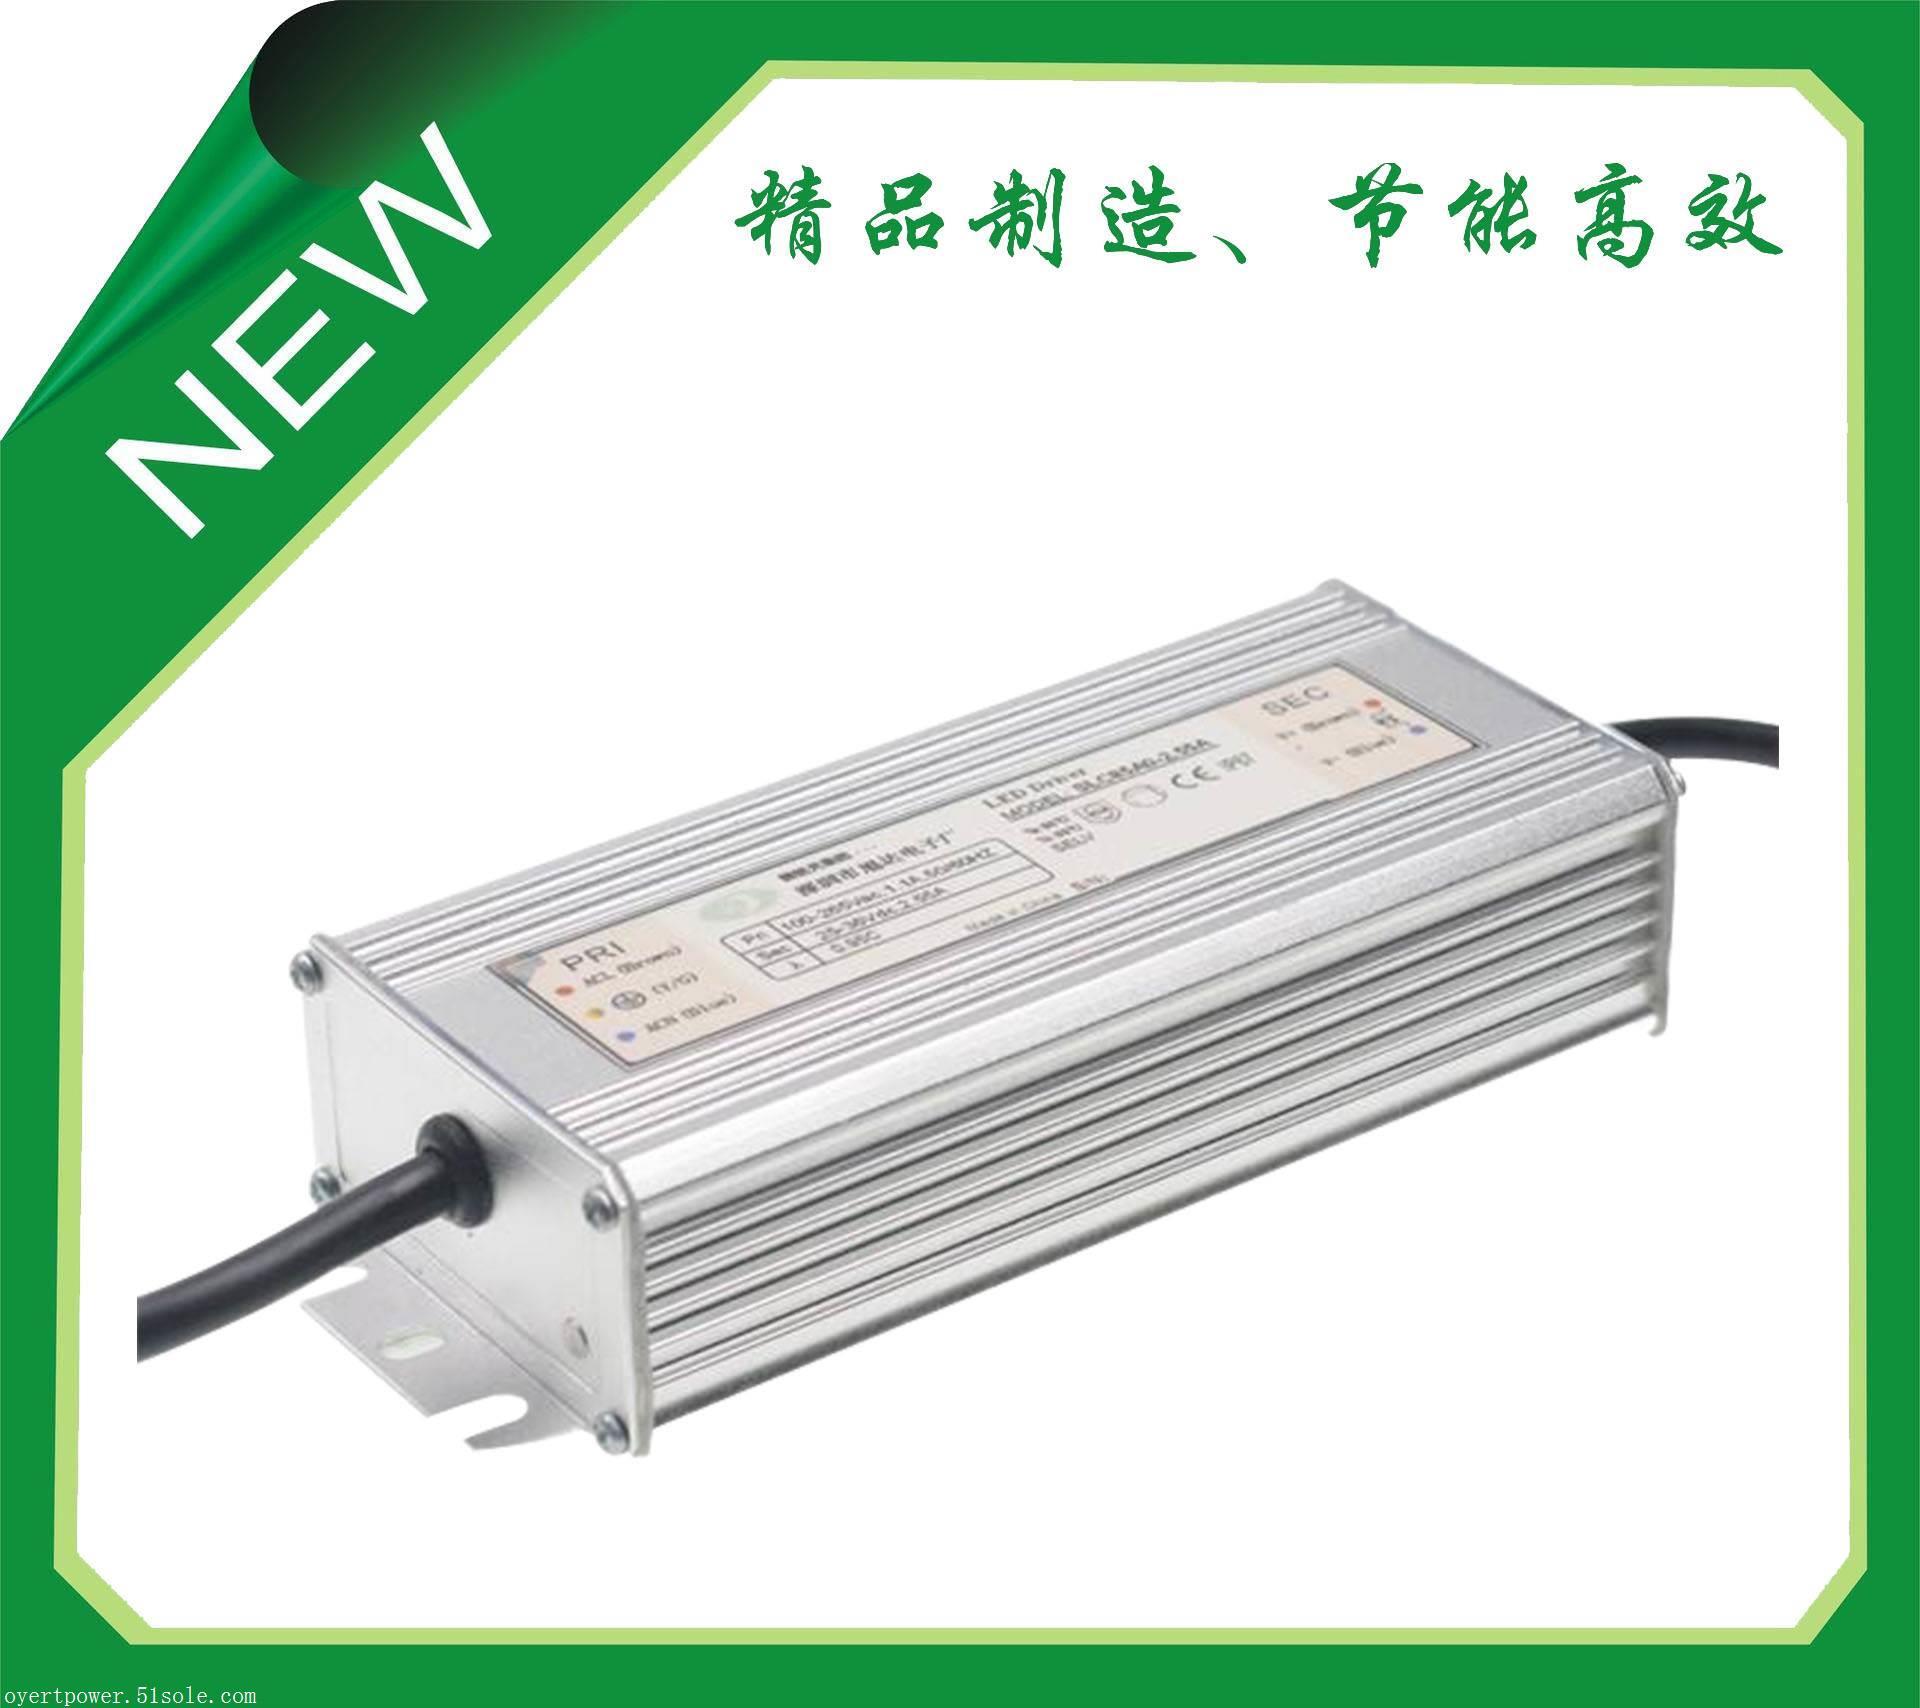 全国LED驱动电源产品采购平台12v24v电源